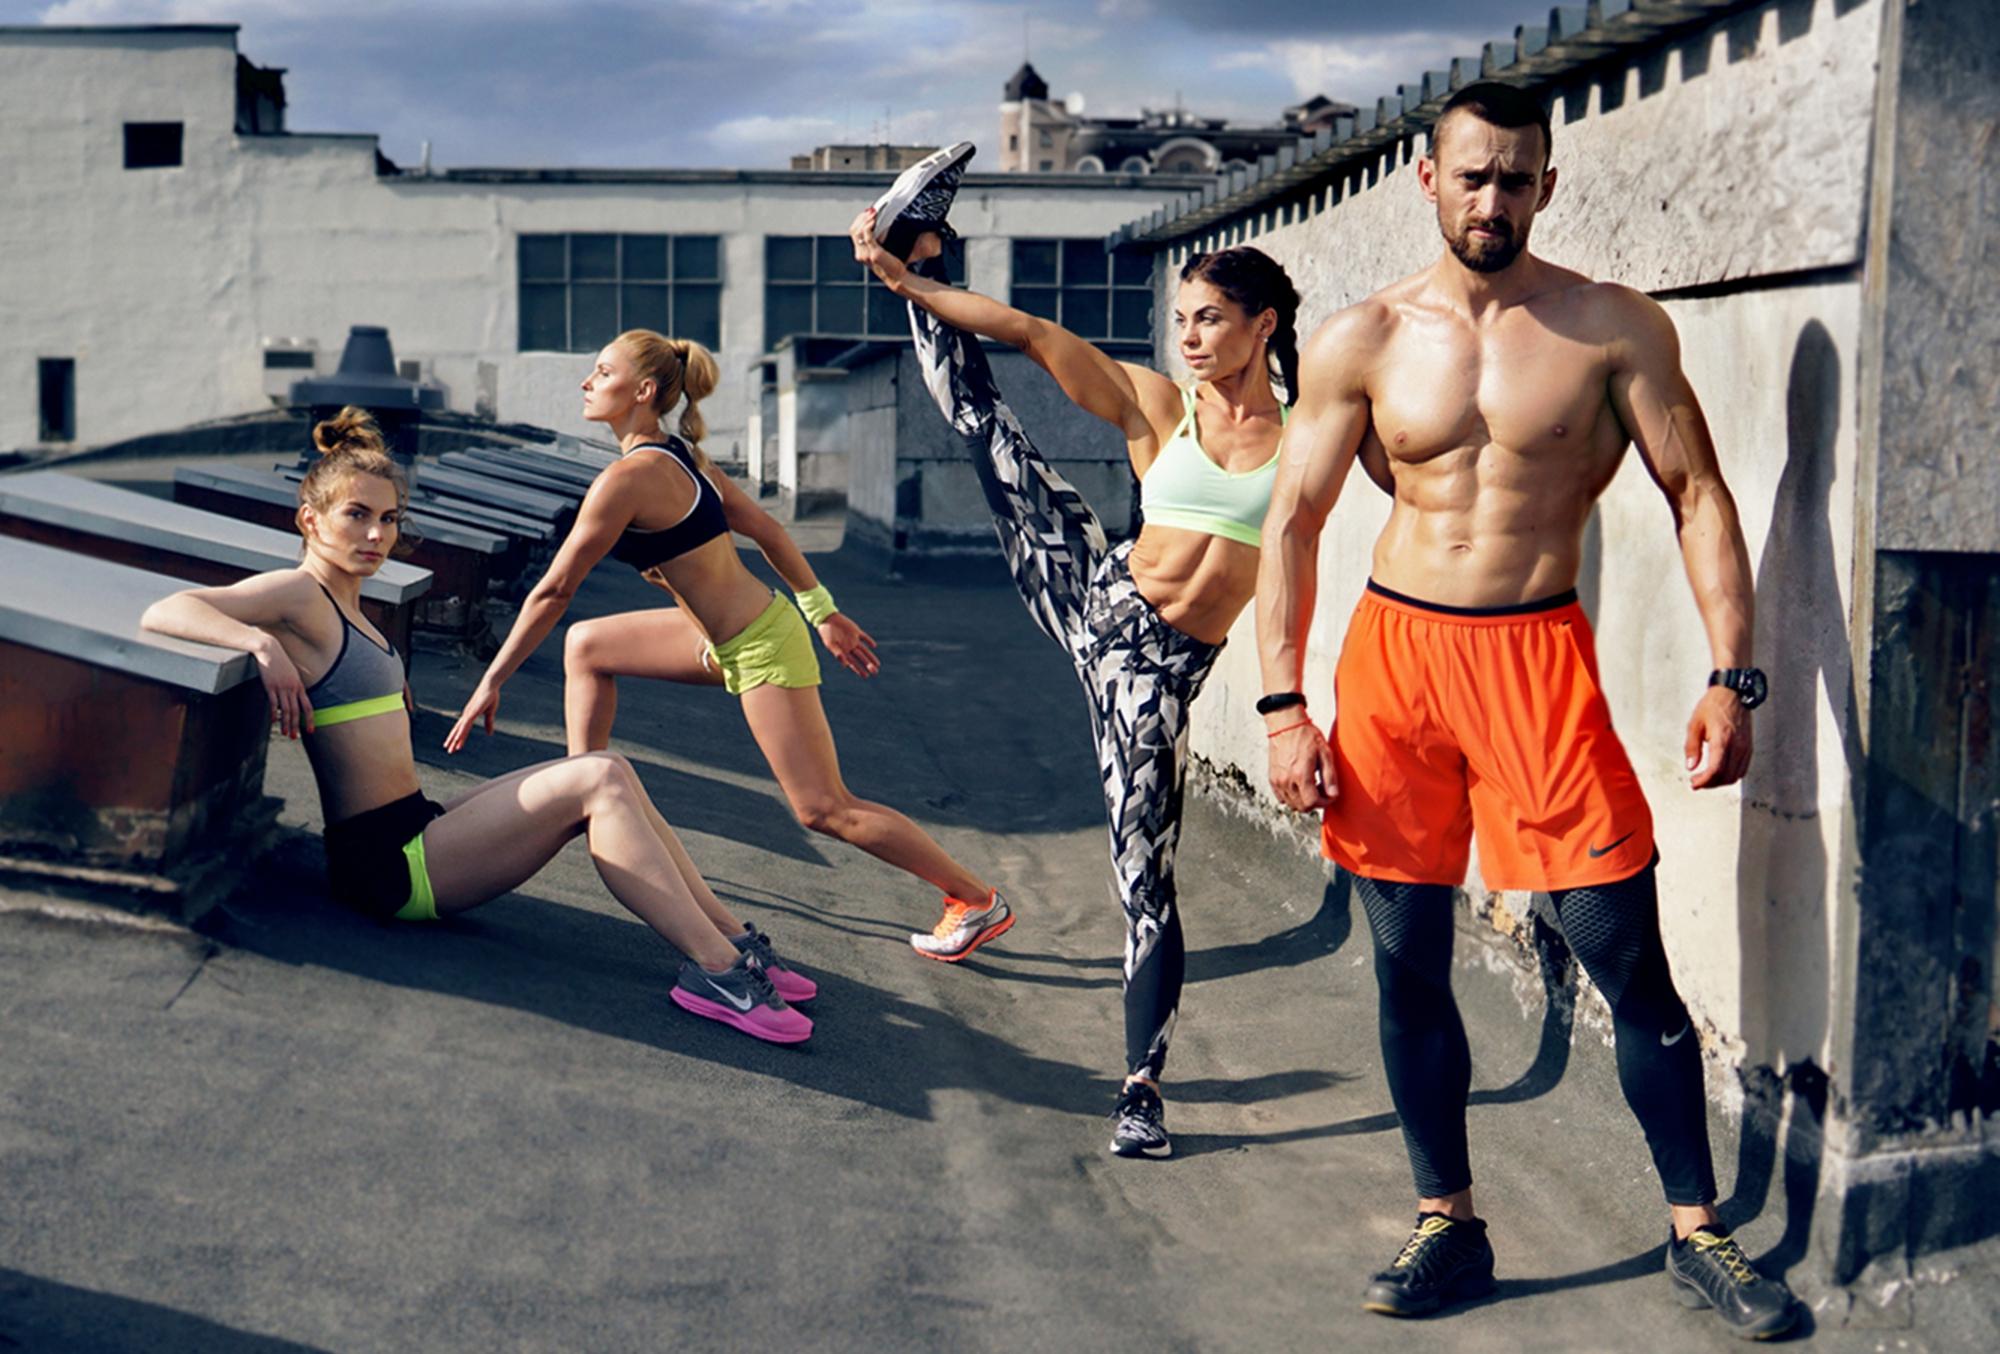 Бесплатно смотреть тренер по фитнесу прыгала на большом члене фото 433-311